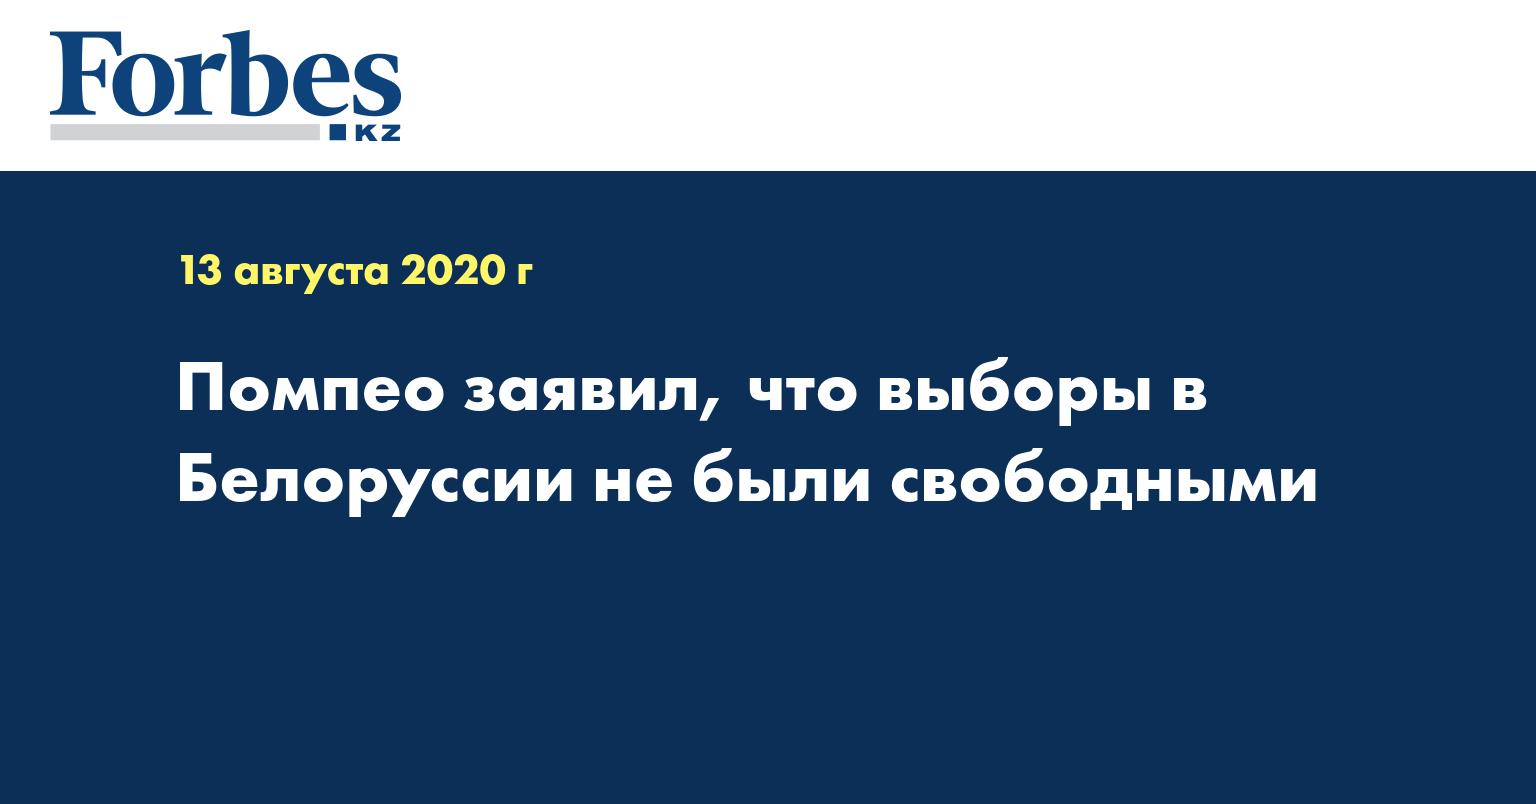 Помпео заявил, что выборы в Белоруссии не были свободными